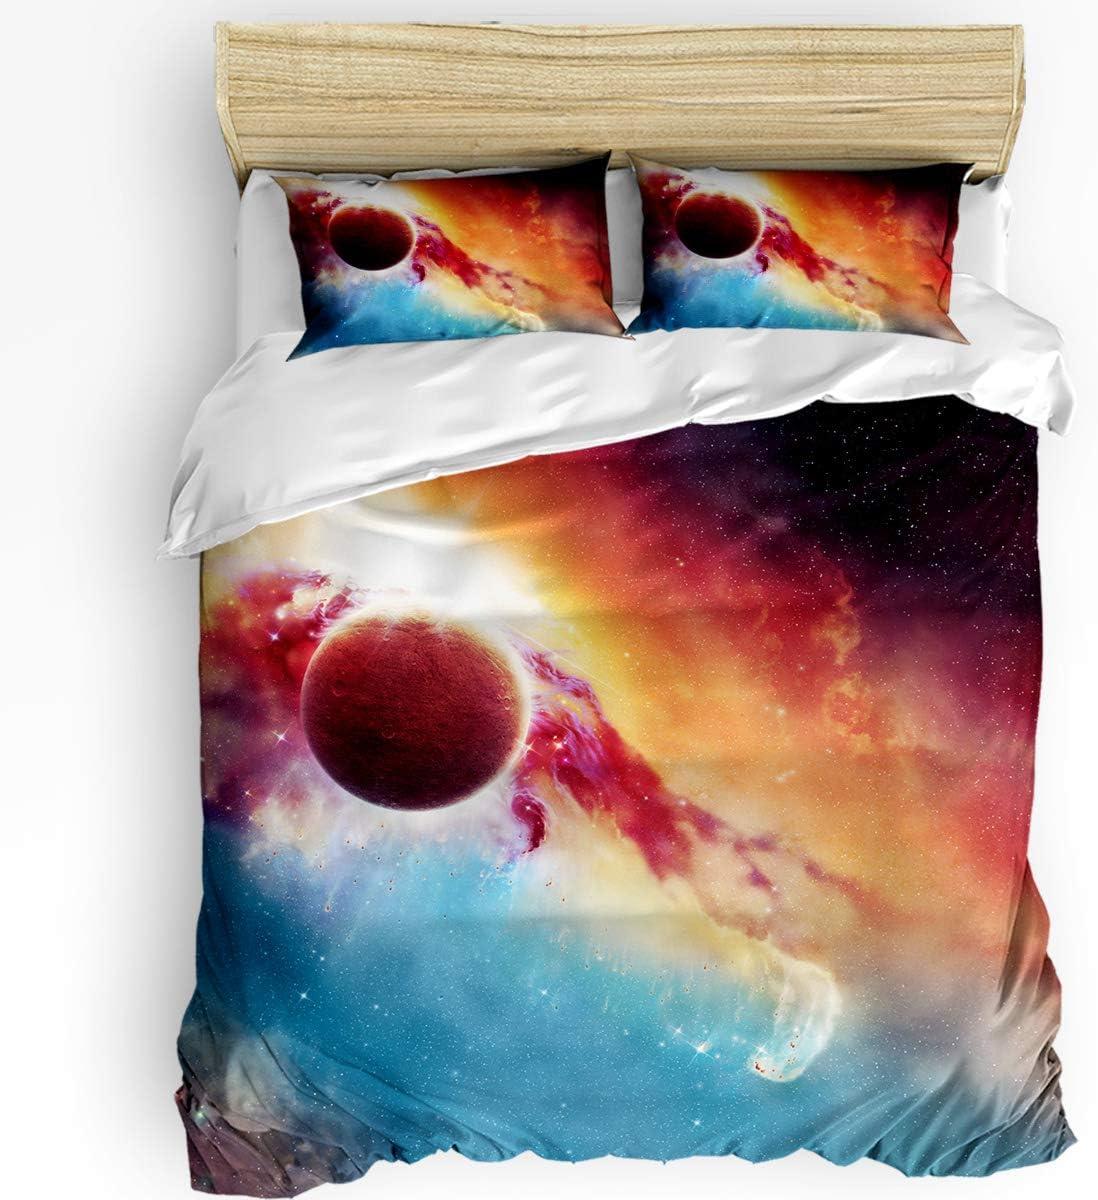 Duvet Cover Set Twin Size 3pcs Elegant So 2 1 Pillowcase Quilt + A surprise price is realized